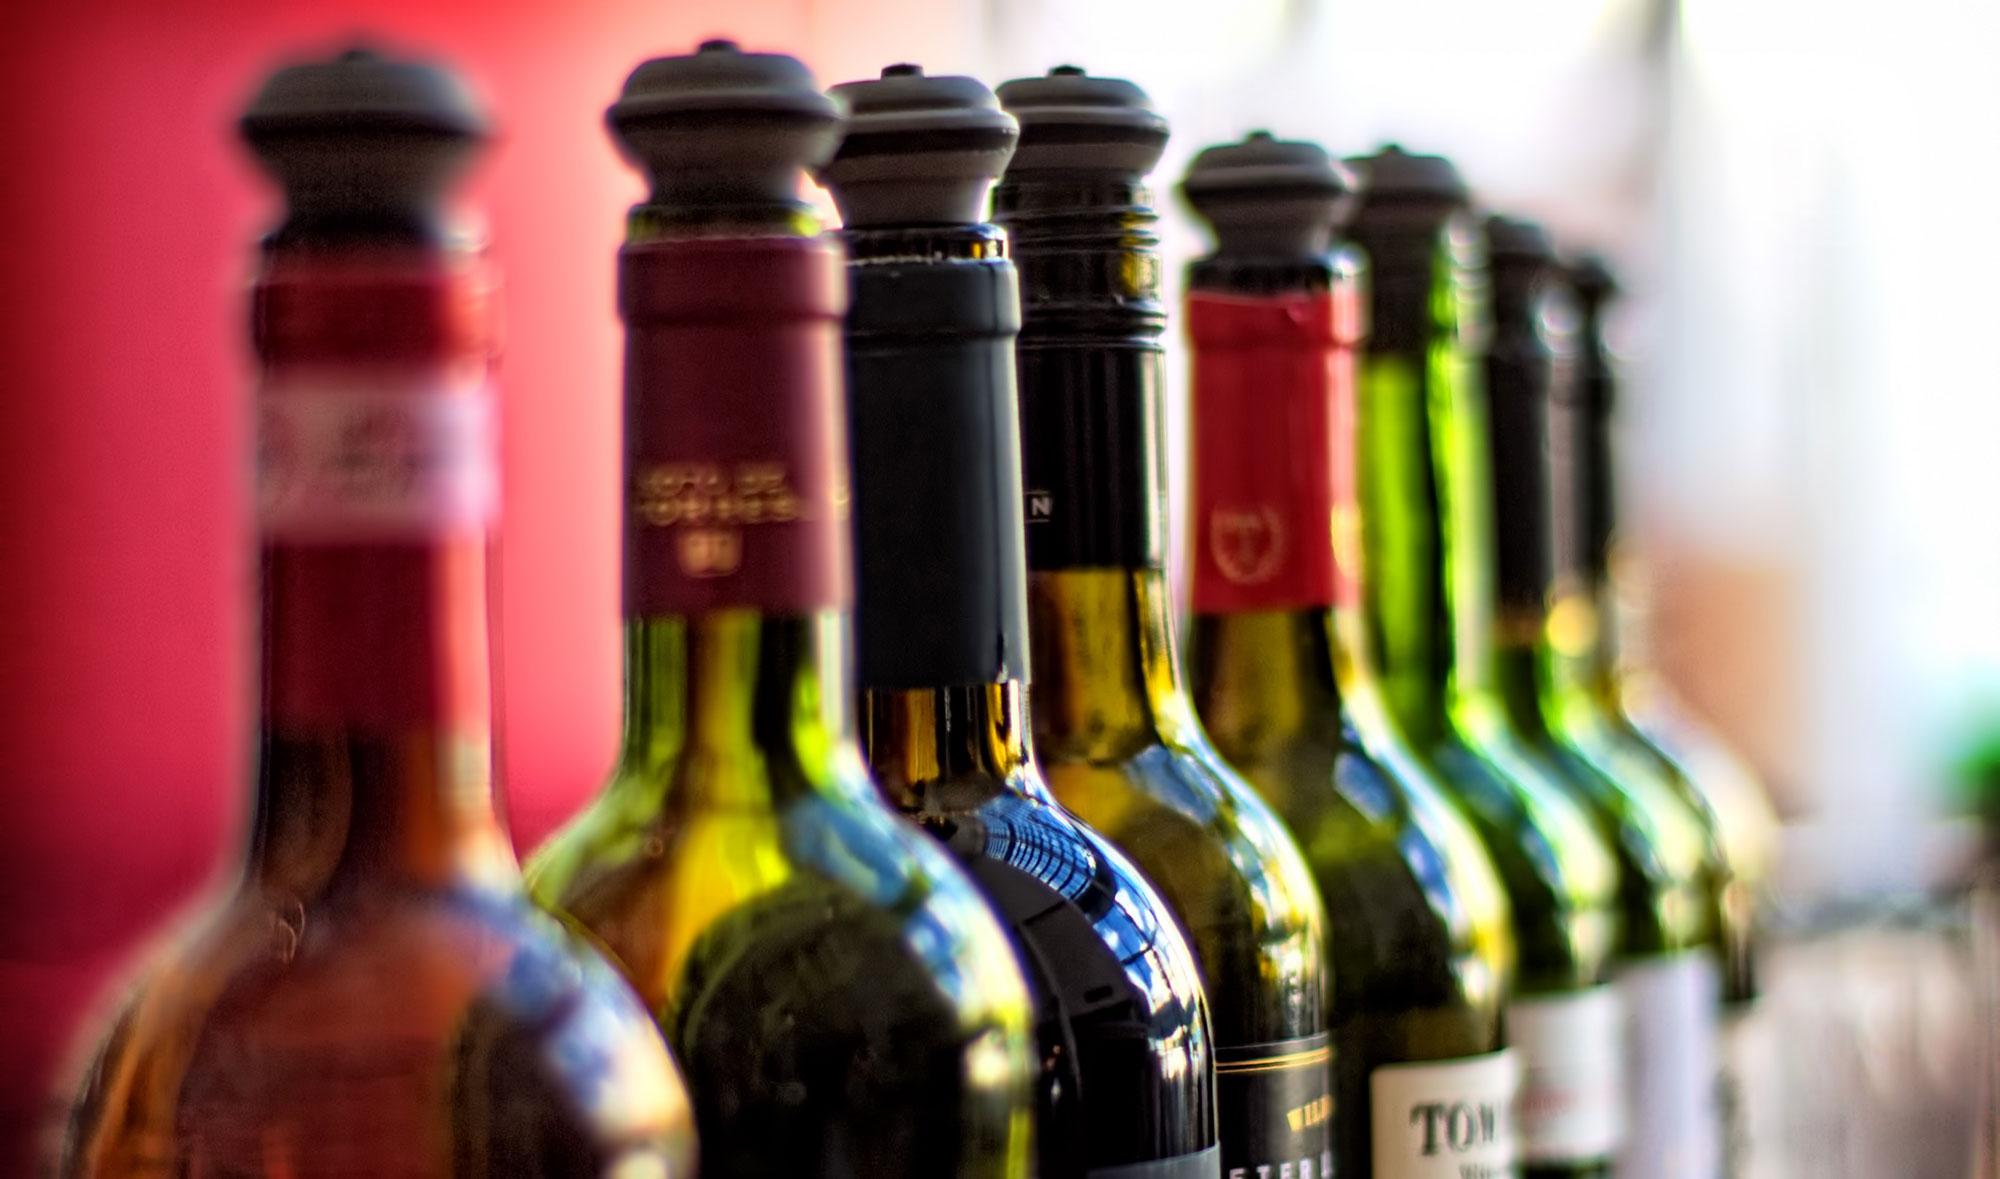 degustazione-vino-monte-pisano